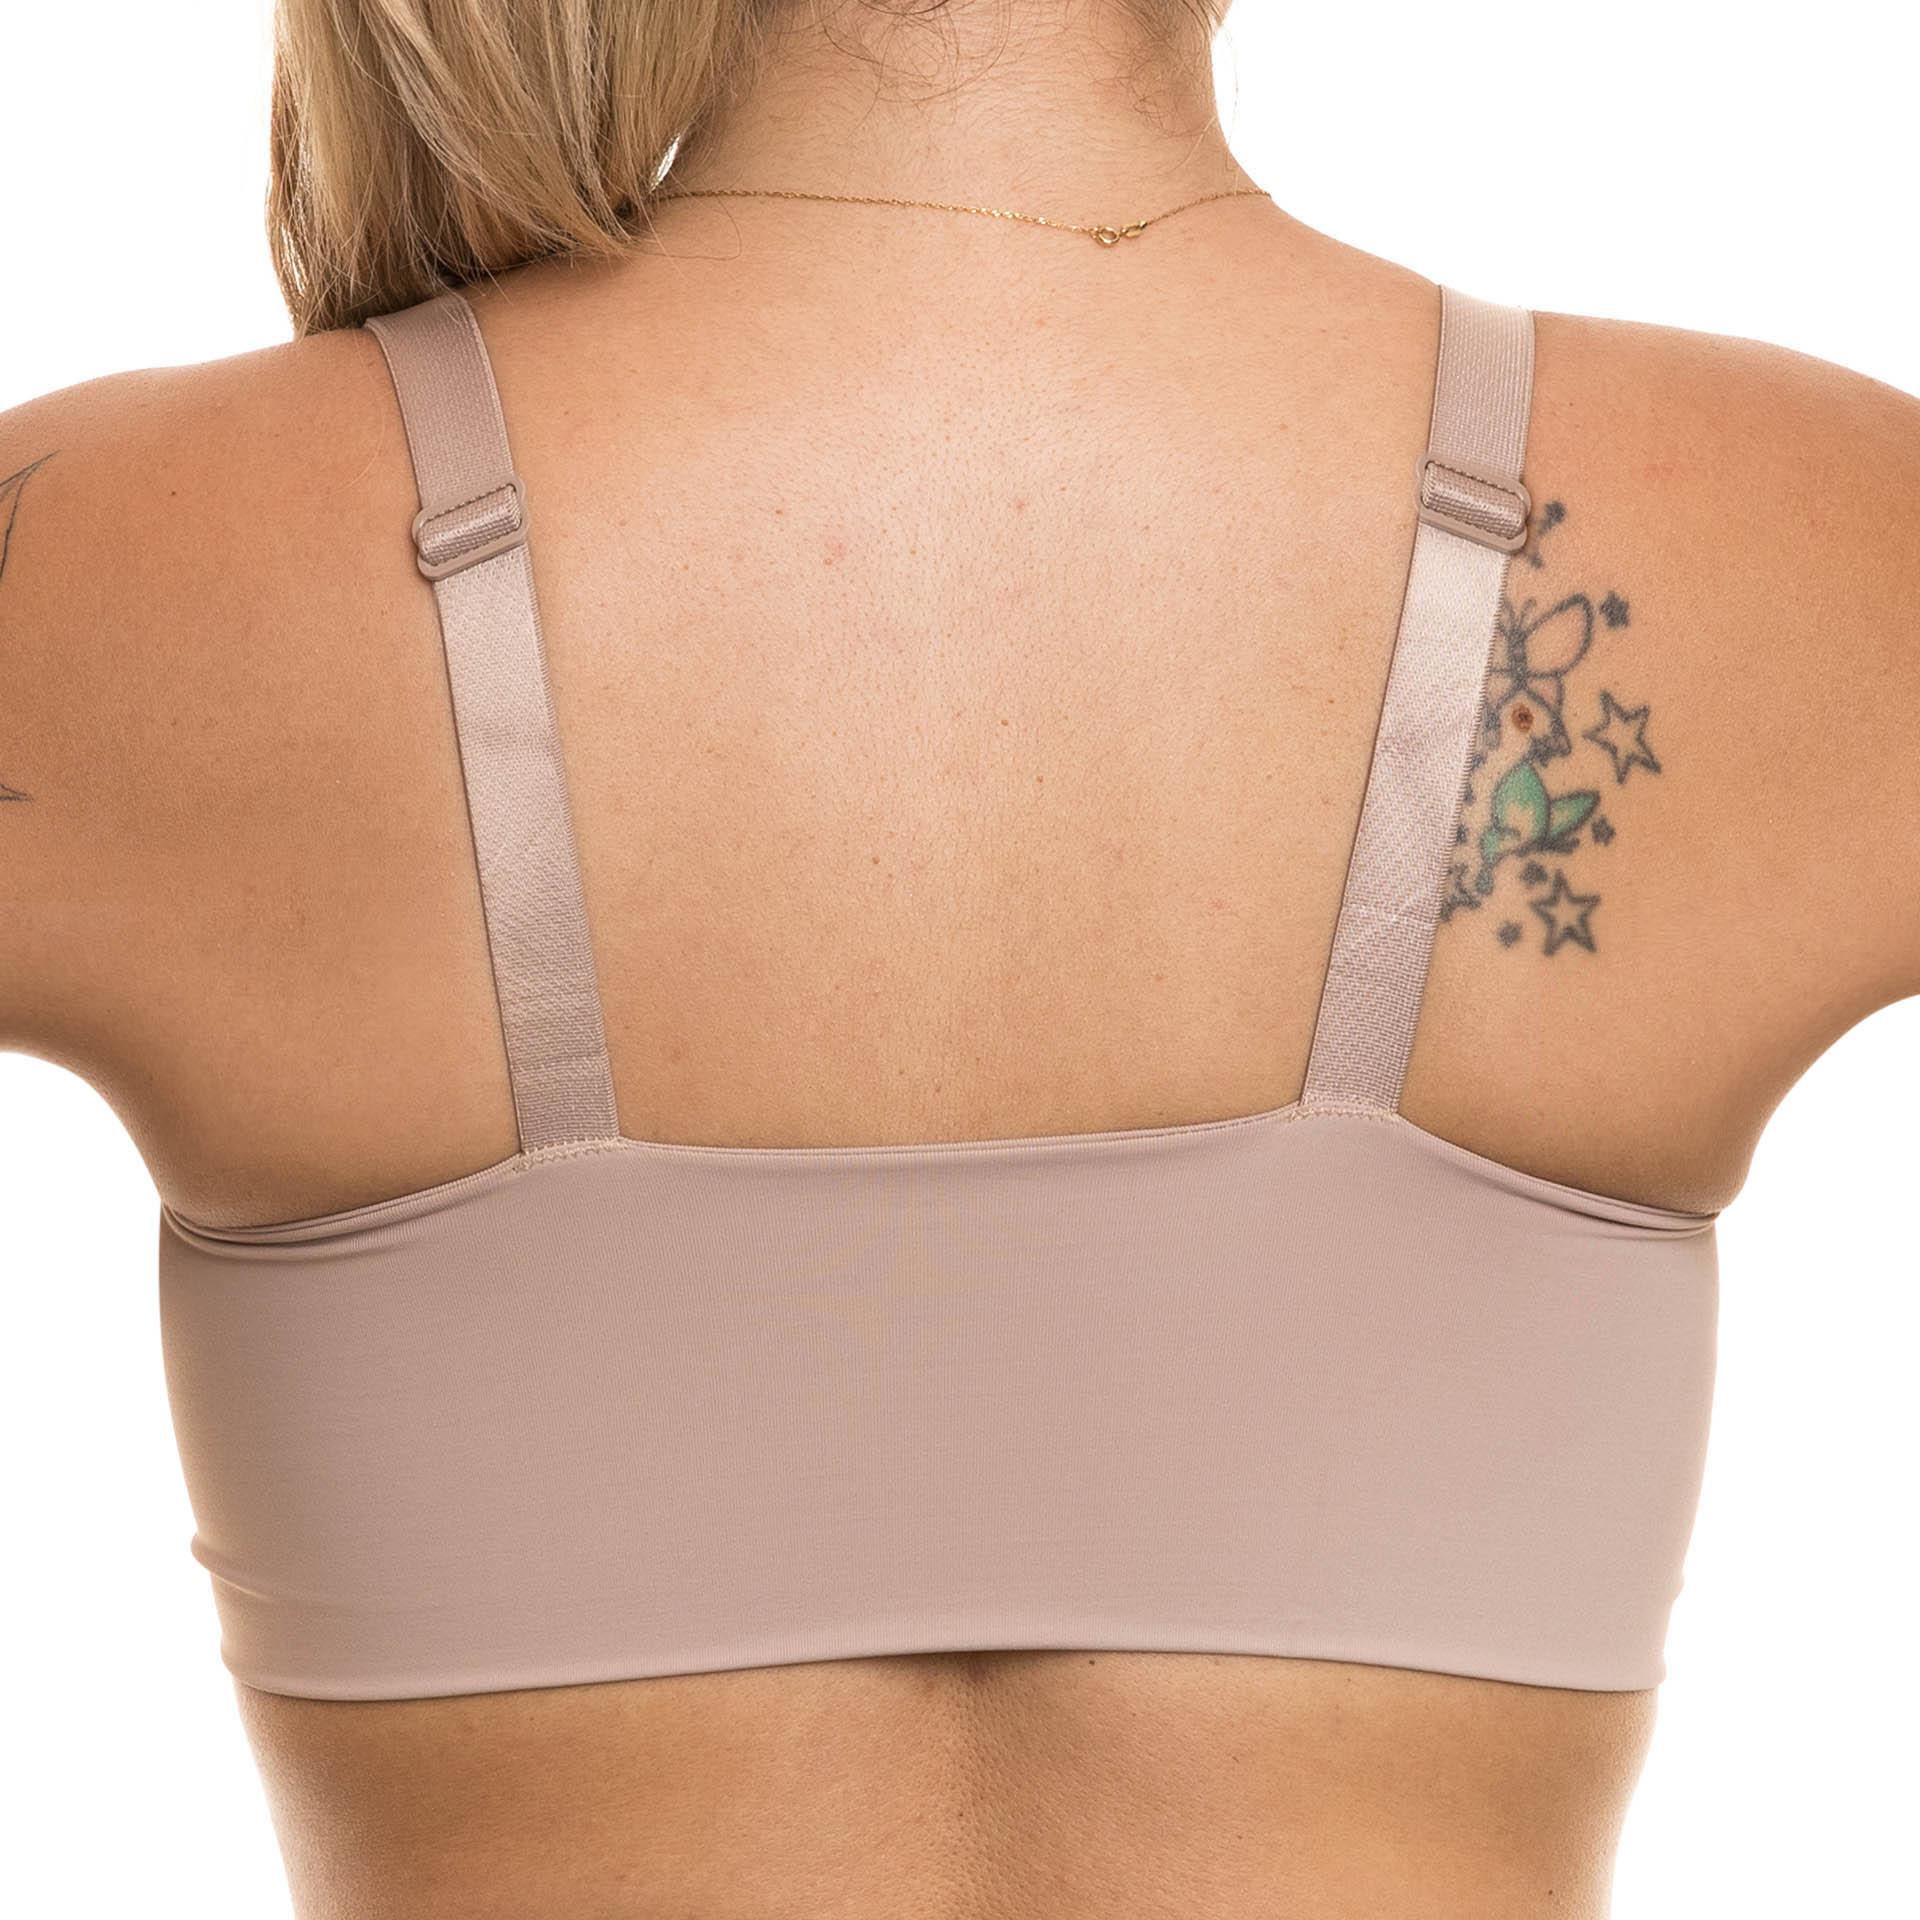 Sutiã anatômico cirúrgico Bio Safe Reabilit 8015E alça larga abertura frontal regulagem nas alças no tecido confort